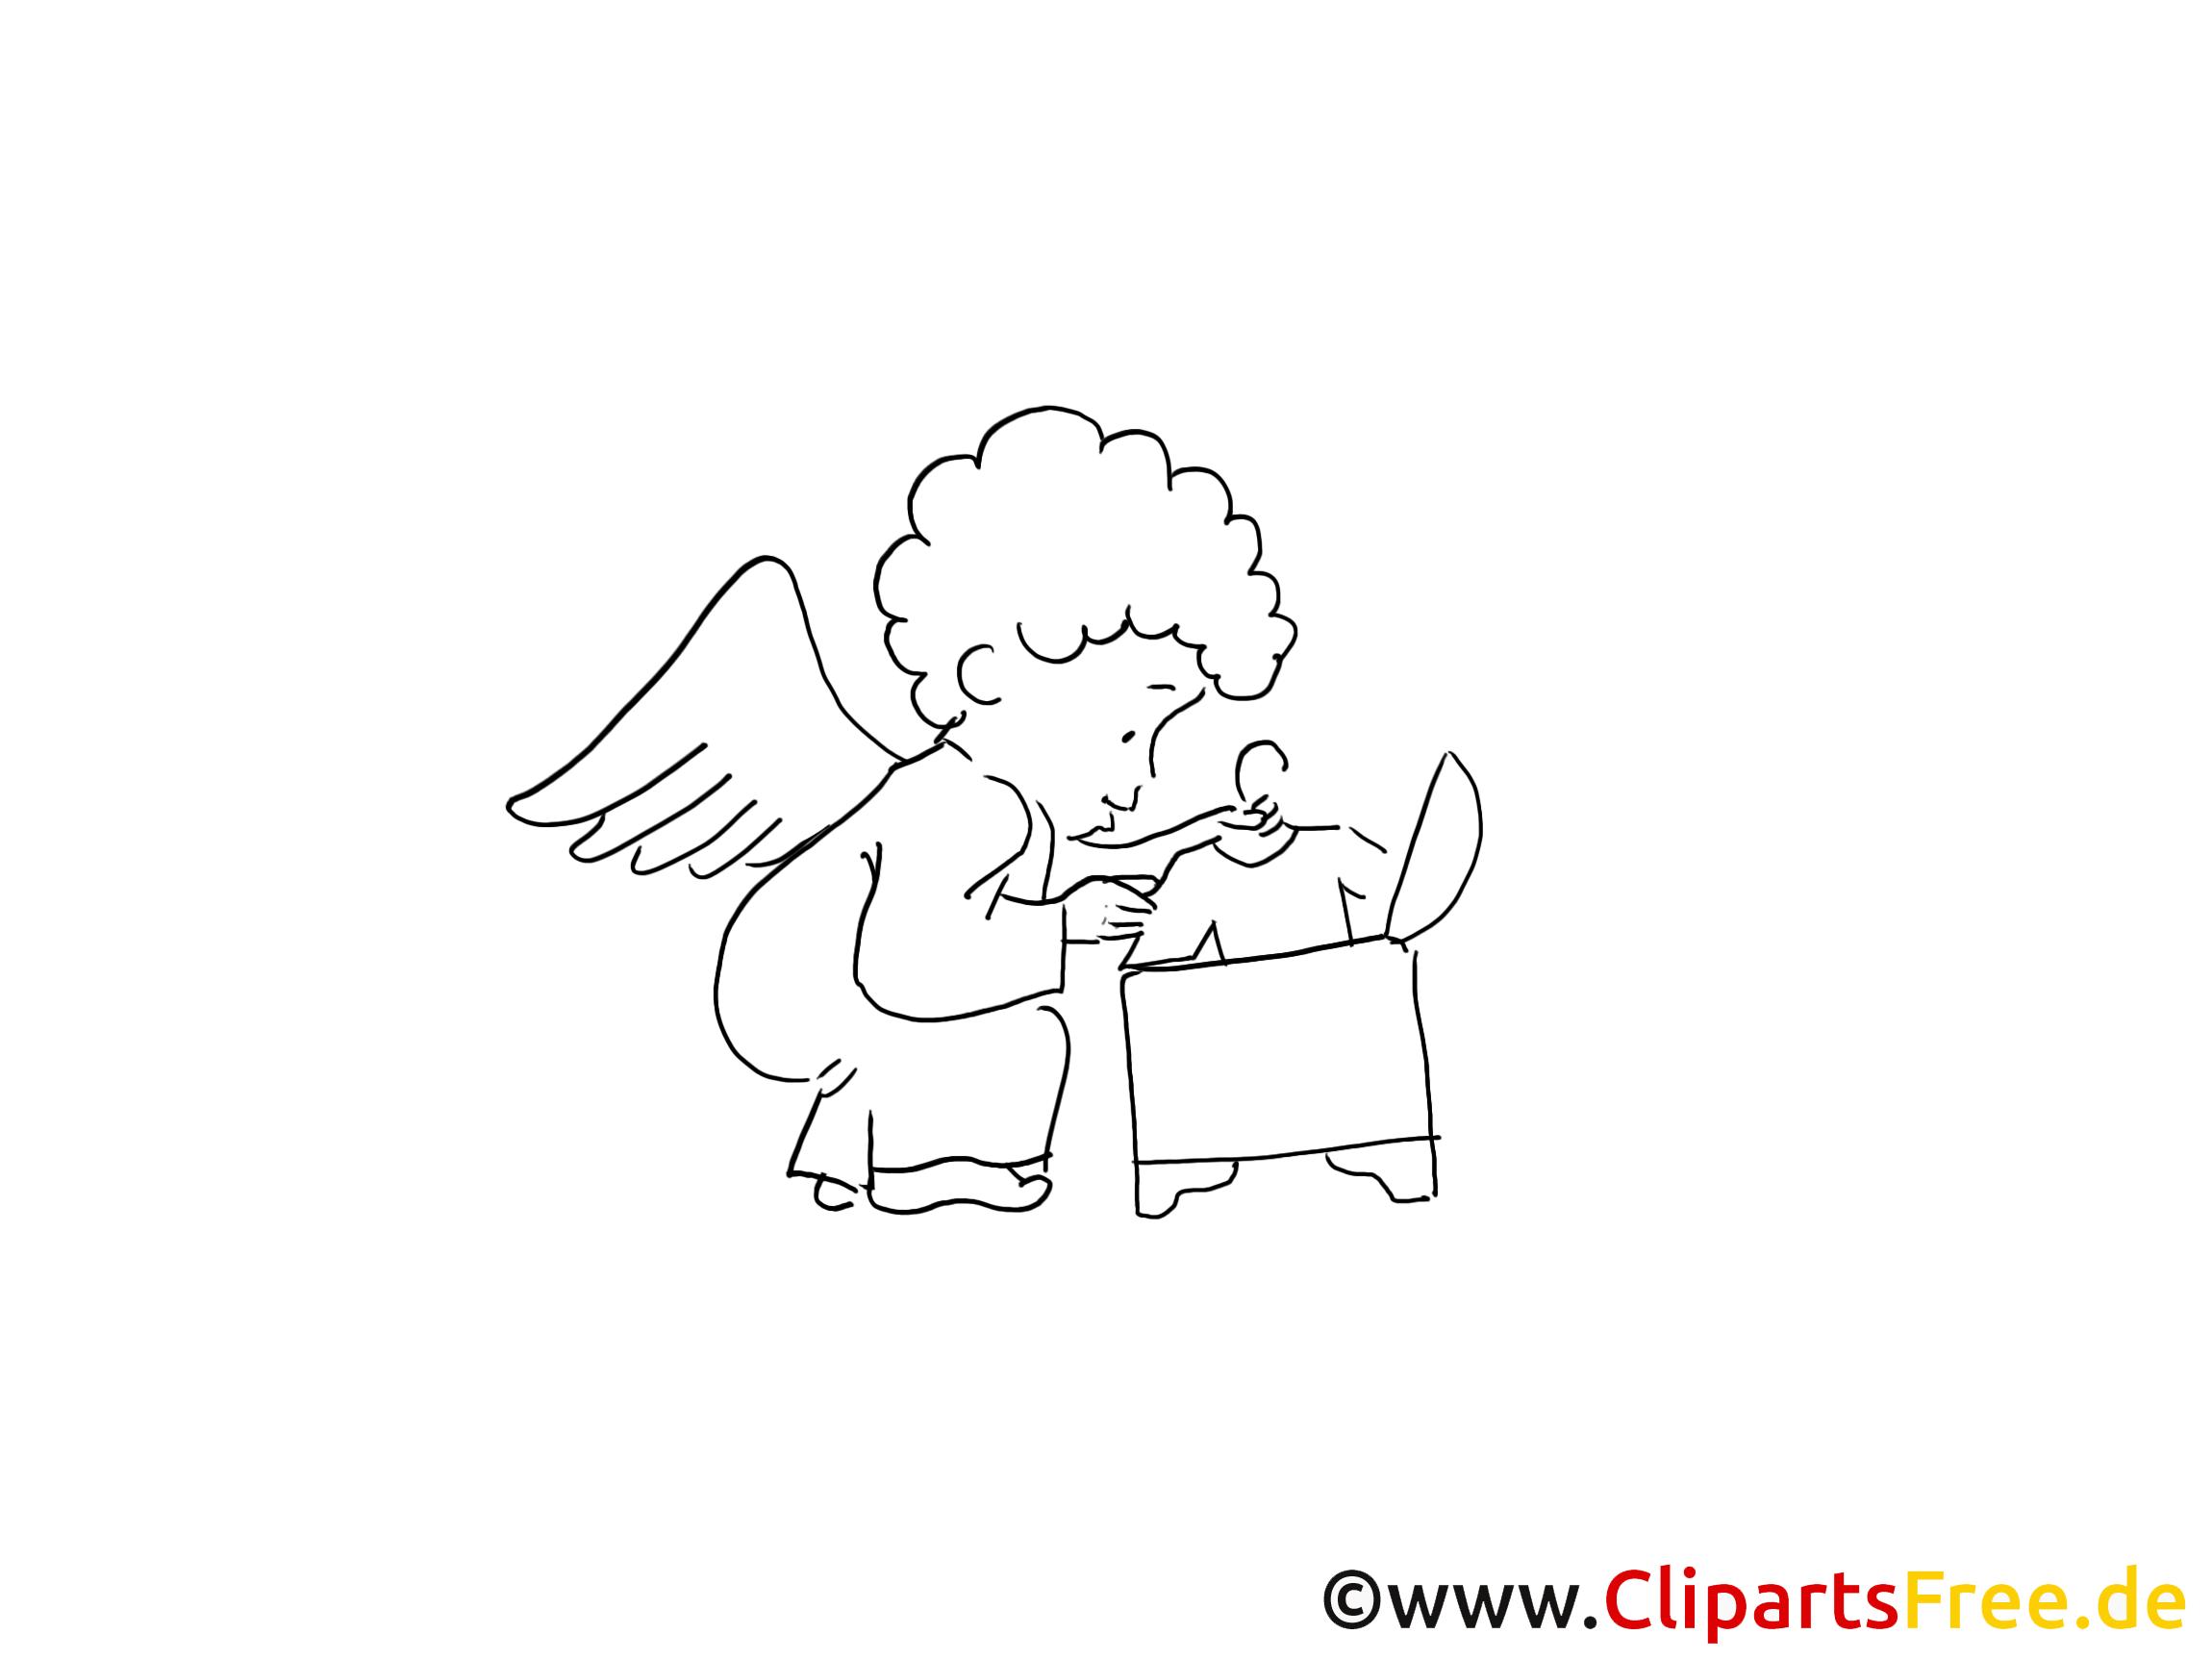 Bébé ange coloriage - Baptême images gratuites